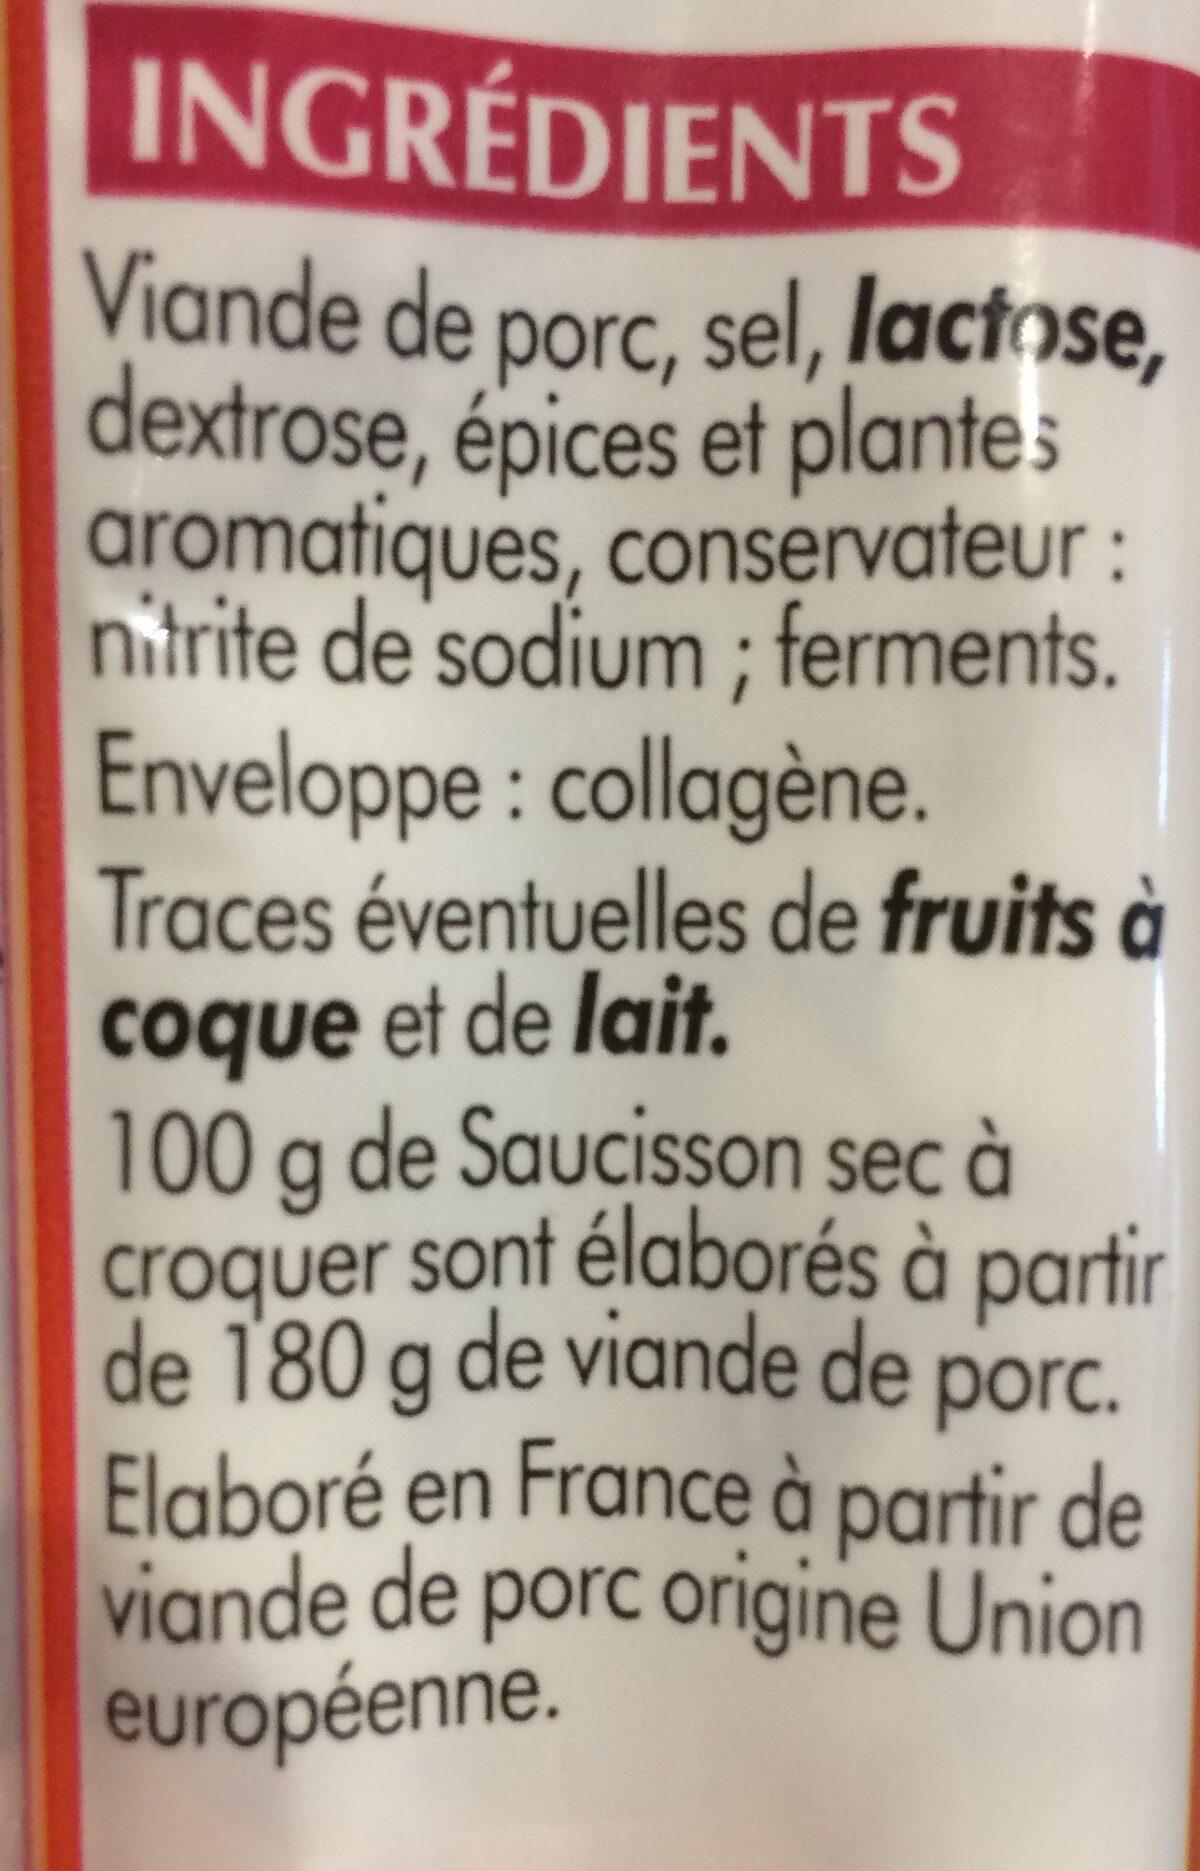 Saucisson Sec à Croquer, 150g - Ingrédients - fr